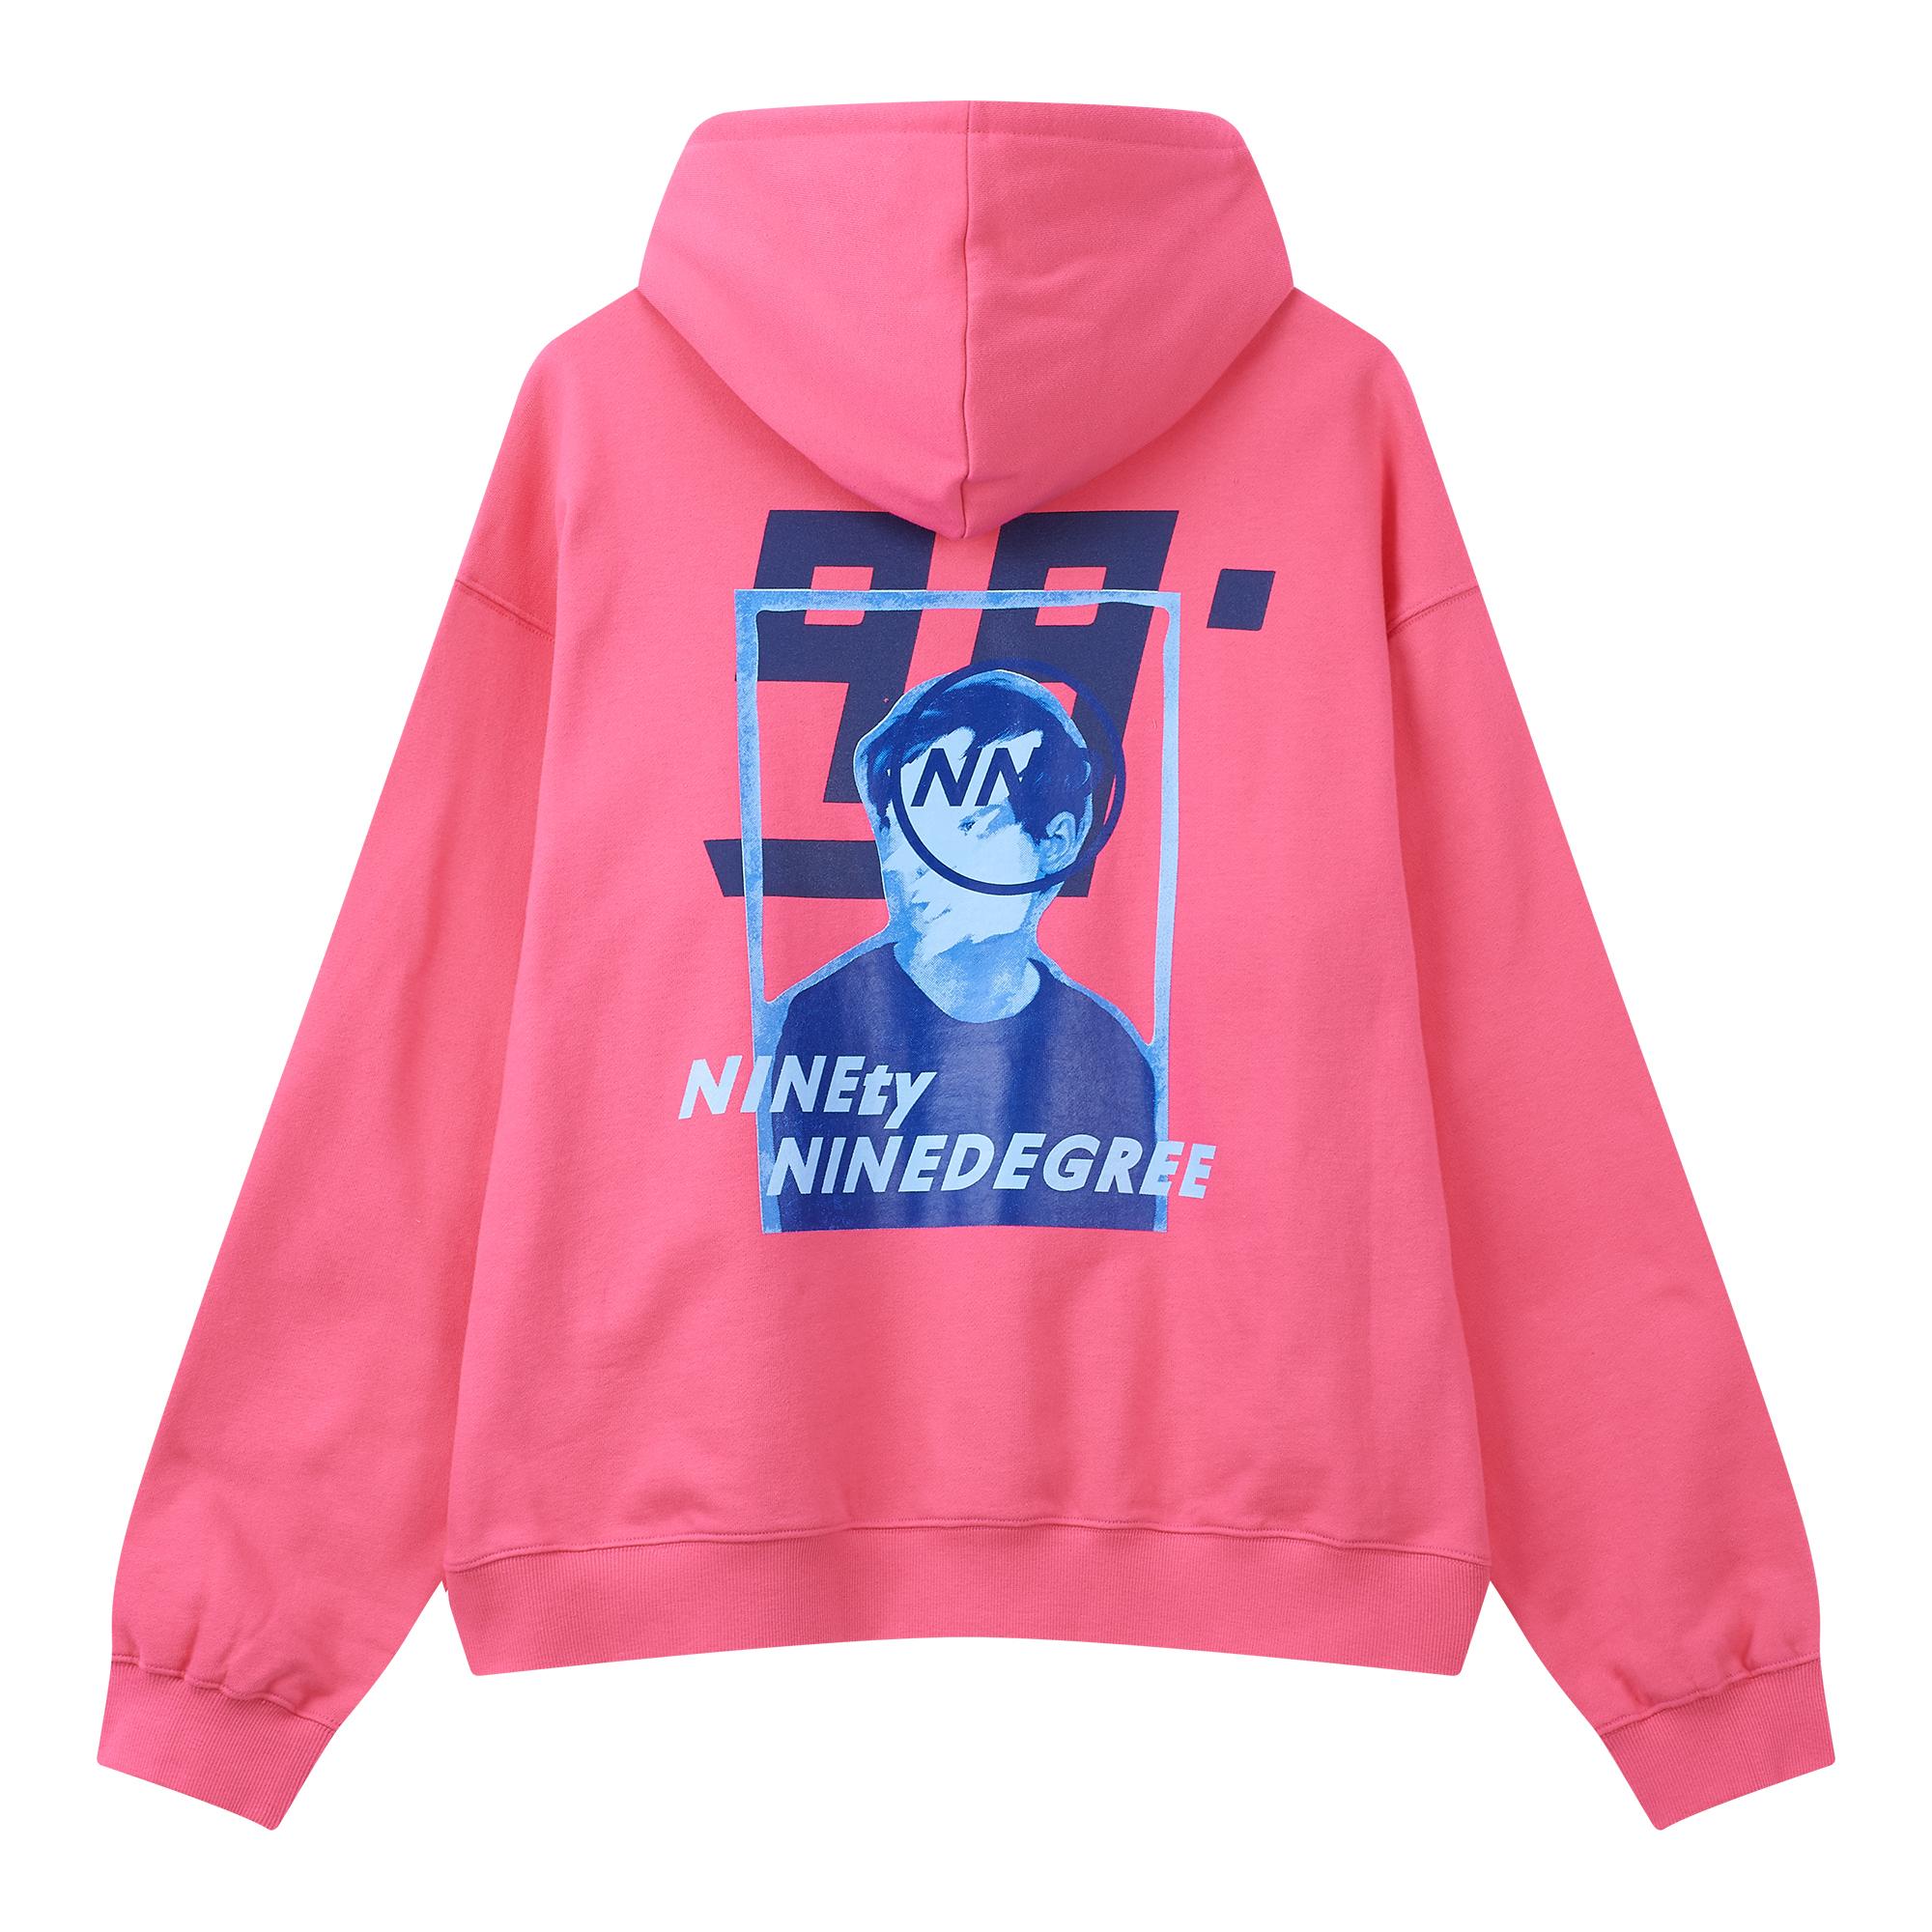 엔엔디(NND) 백 프린팅 기모 후드 티셔츠 9598416008064